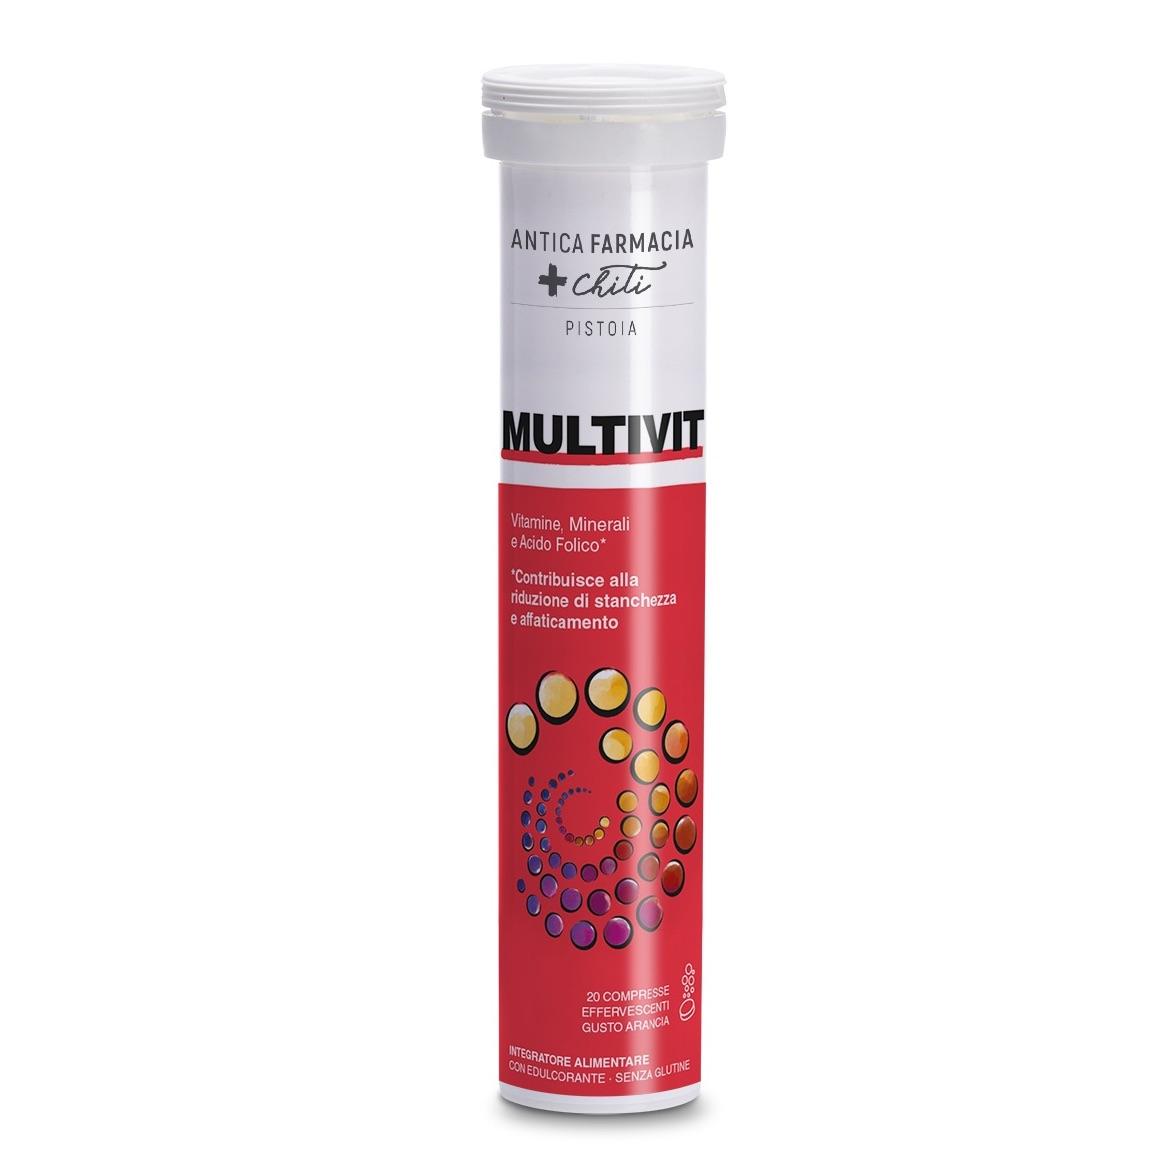 Multivitaminico per aumentare le difese immunitarie